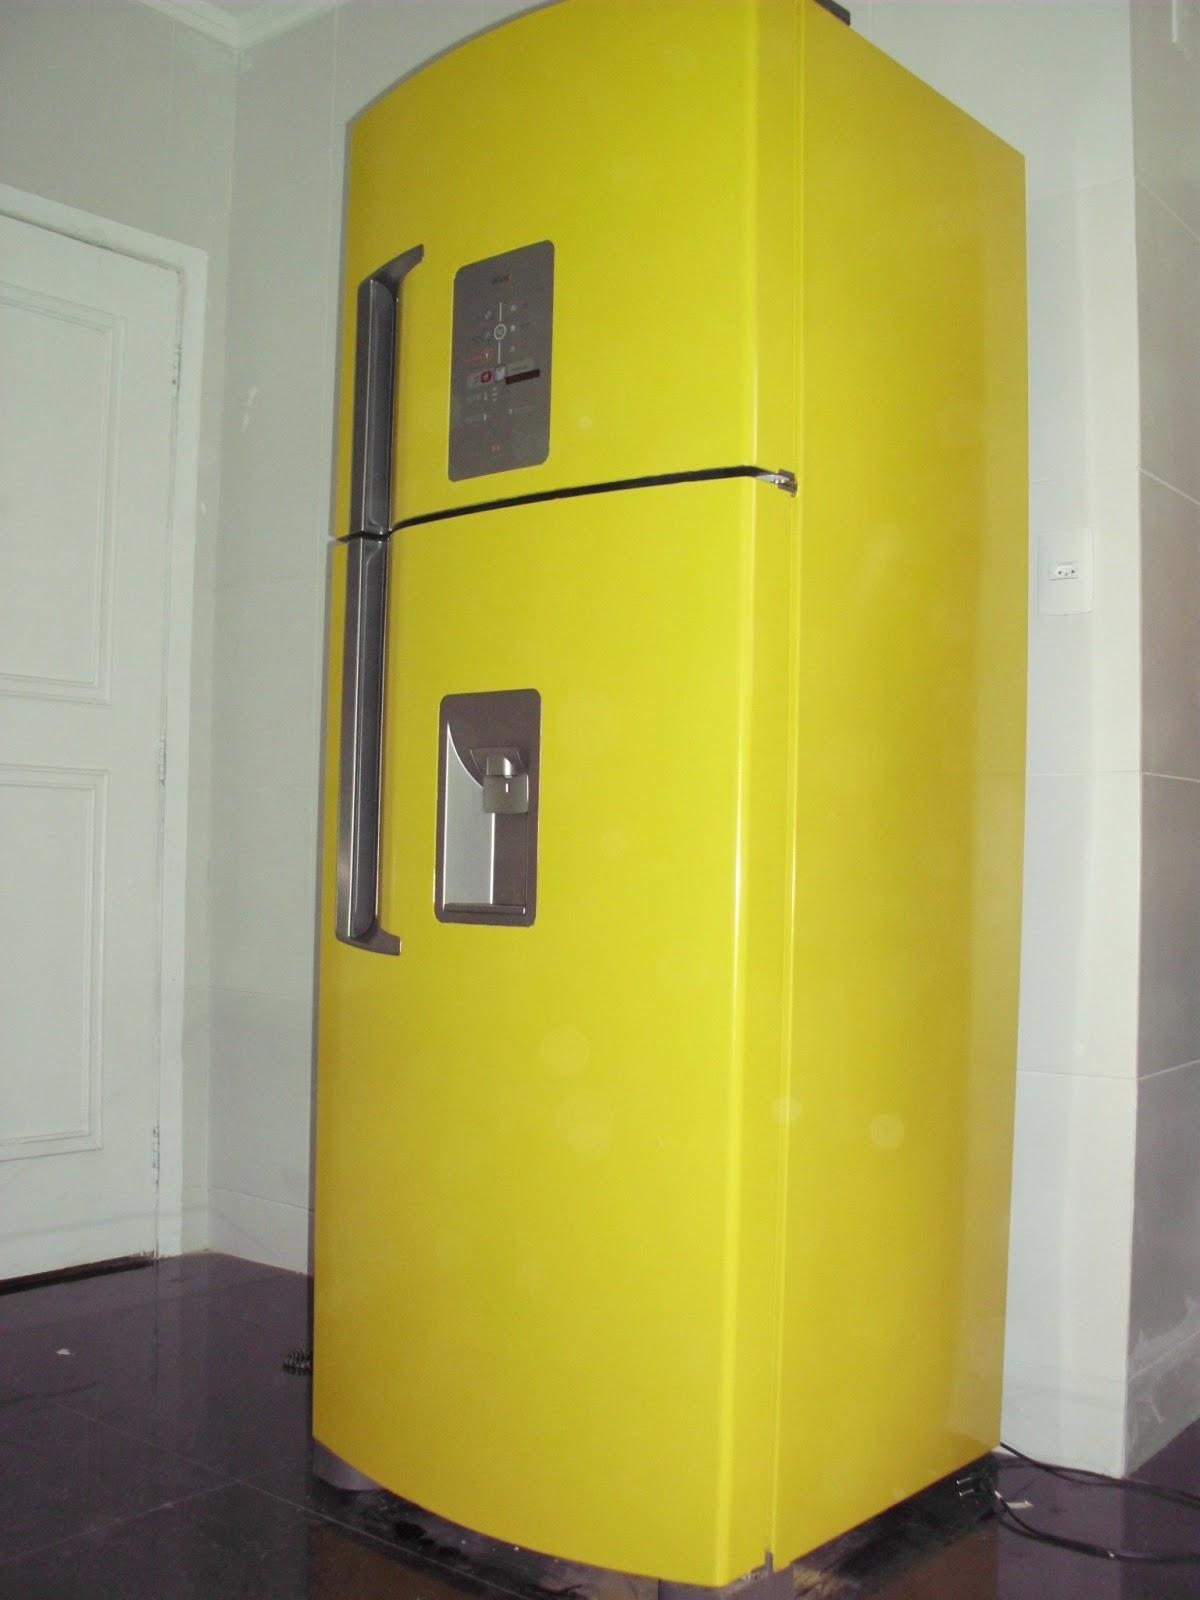 Aparador Ikea Blanco ~ Adesivo Envelopamento De Geladeira, Microondas, Freezer (Adesivos de Parede) a BRL 14 9 em